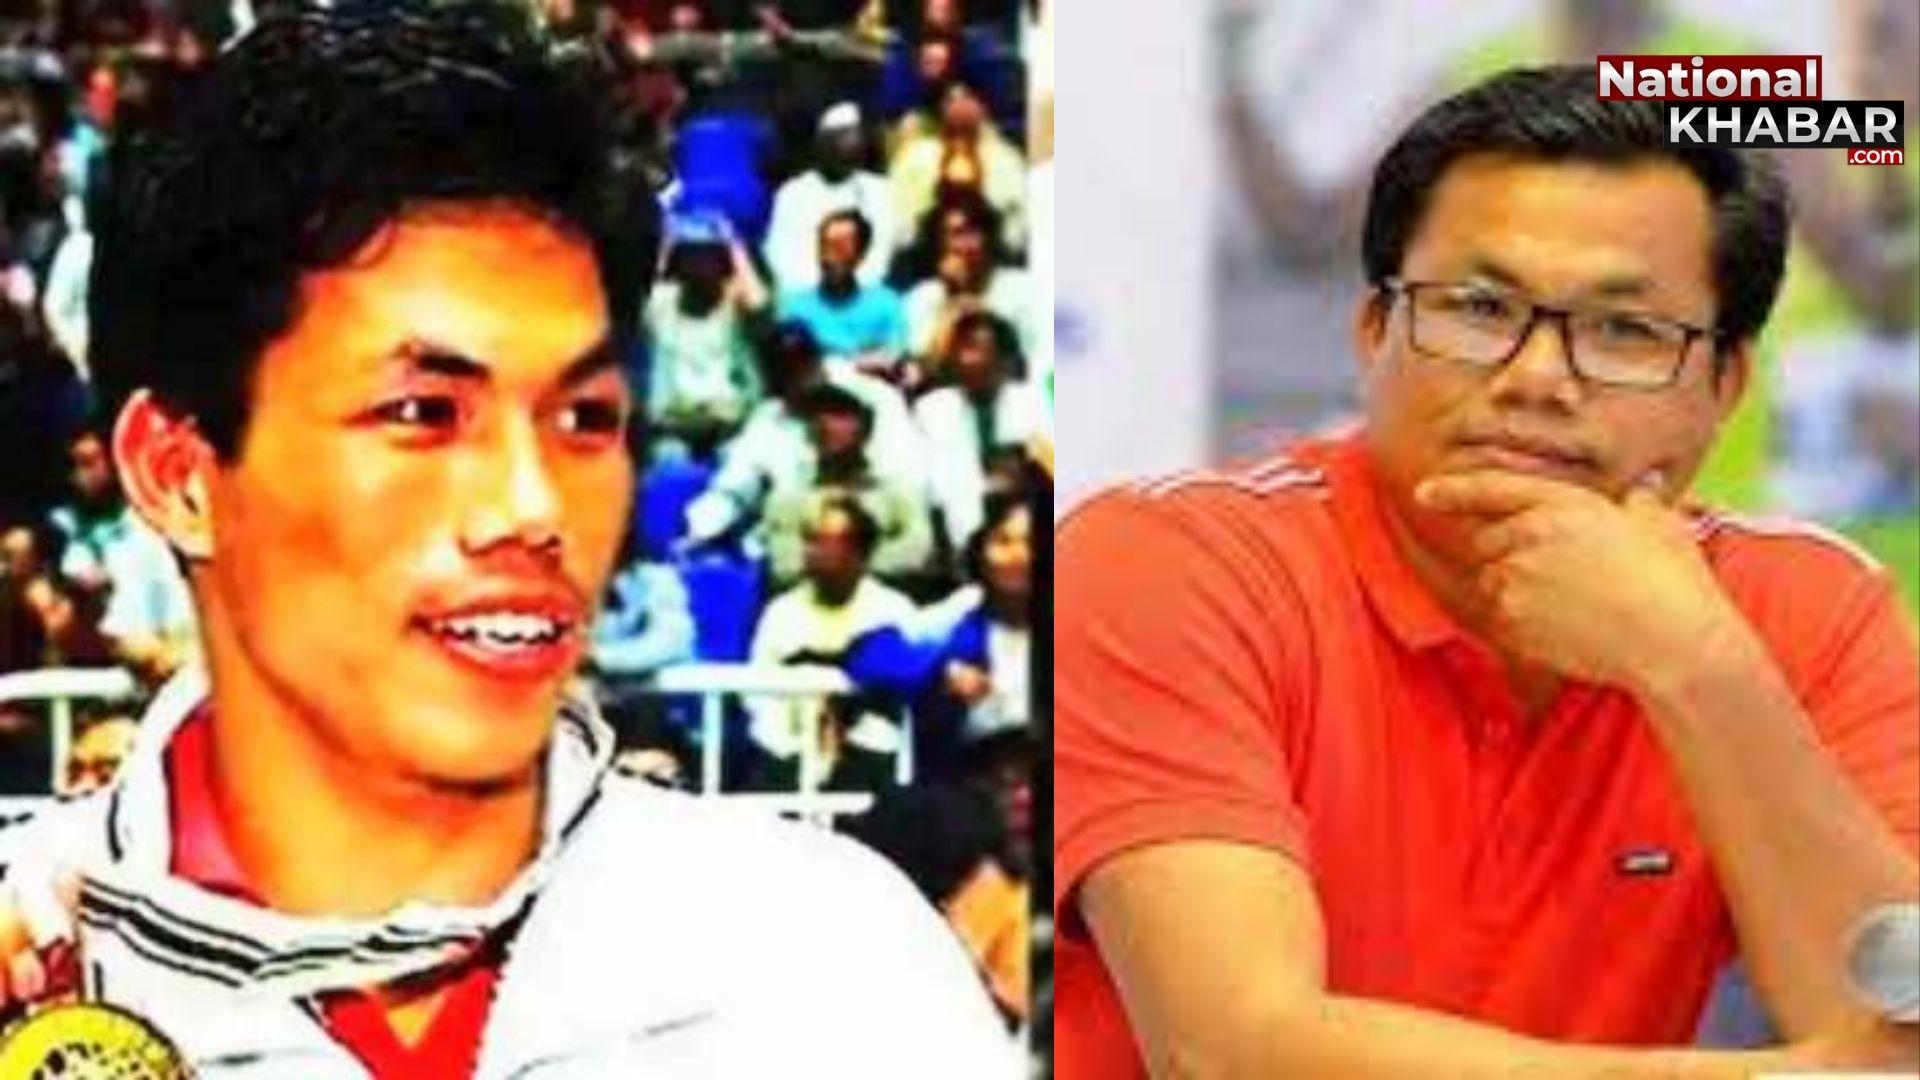 Dingko Singh dies : नहीं रहे एशियाई खेलों के स्वर्ण पदक विजेता पूर्व मुक्केबाज डिंको सिंह